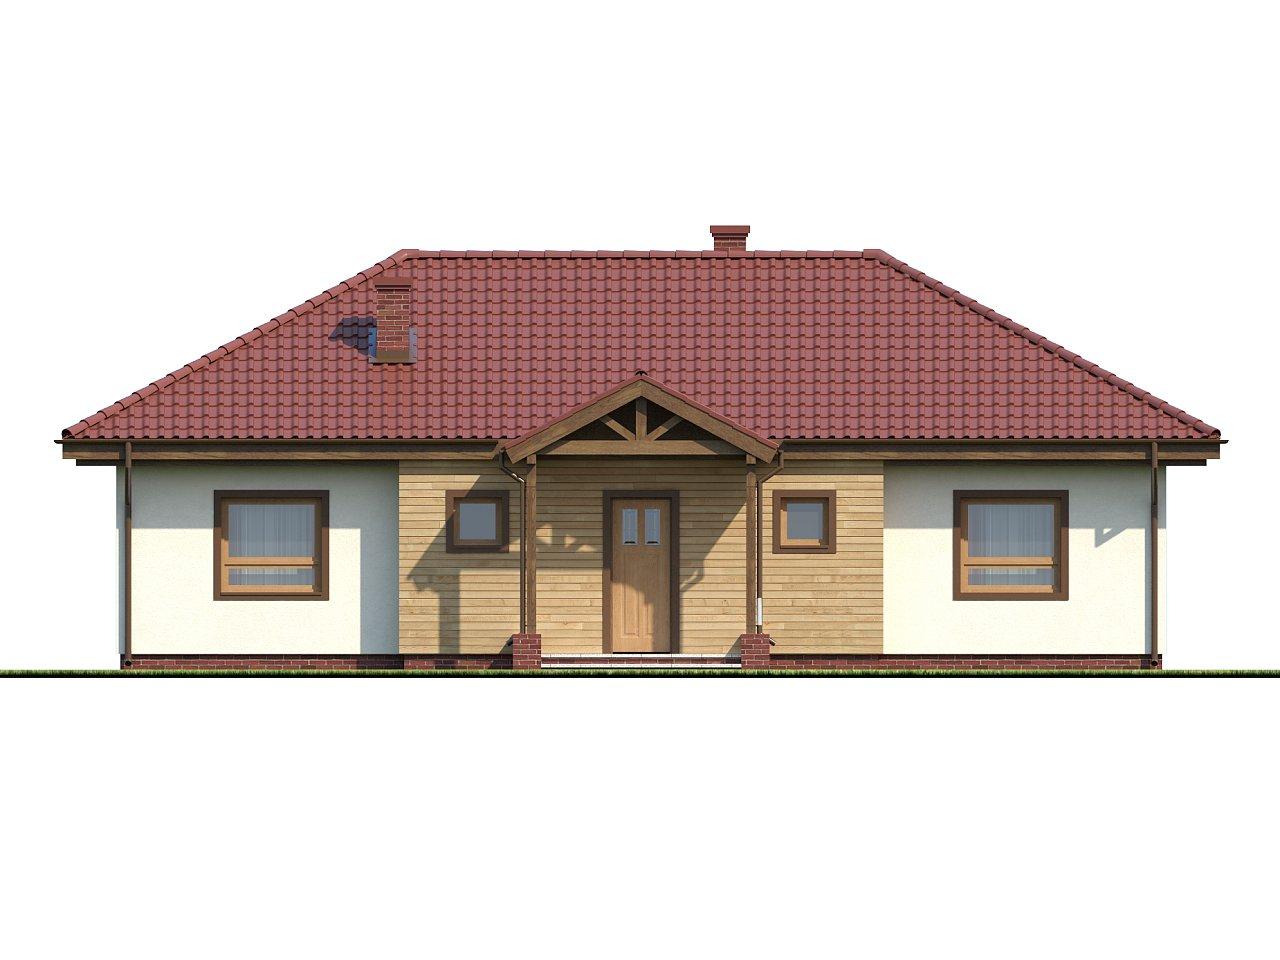 Симметричный одноэтажный дом с многоскатной кровлей. 3